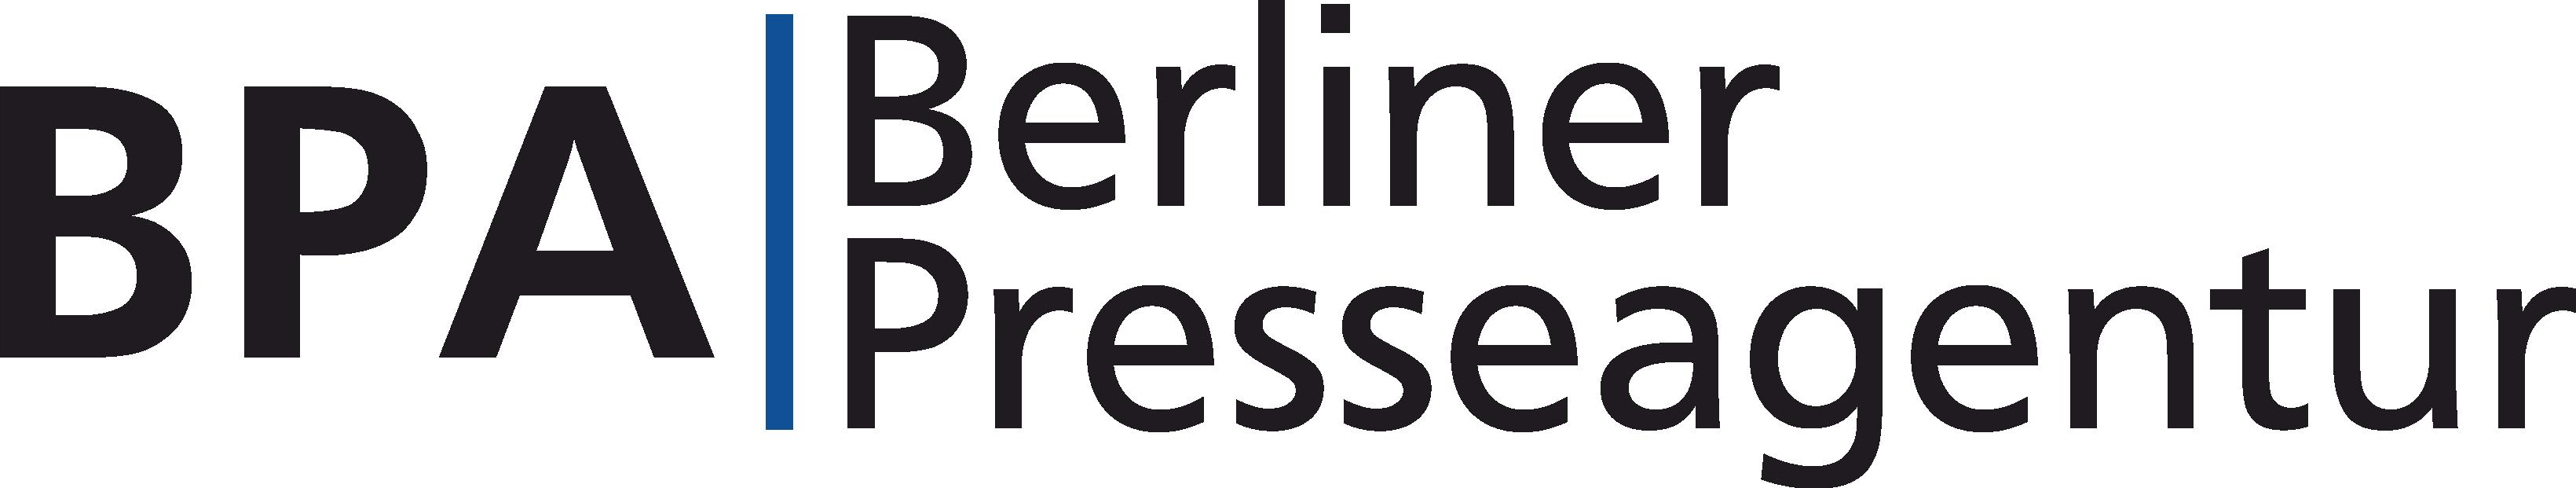 BPA - Berlin Presseagentur   Pressemeldungen und Pressemitteilung aus Berlin